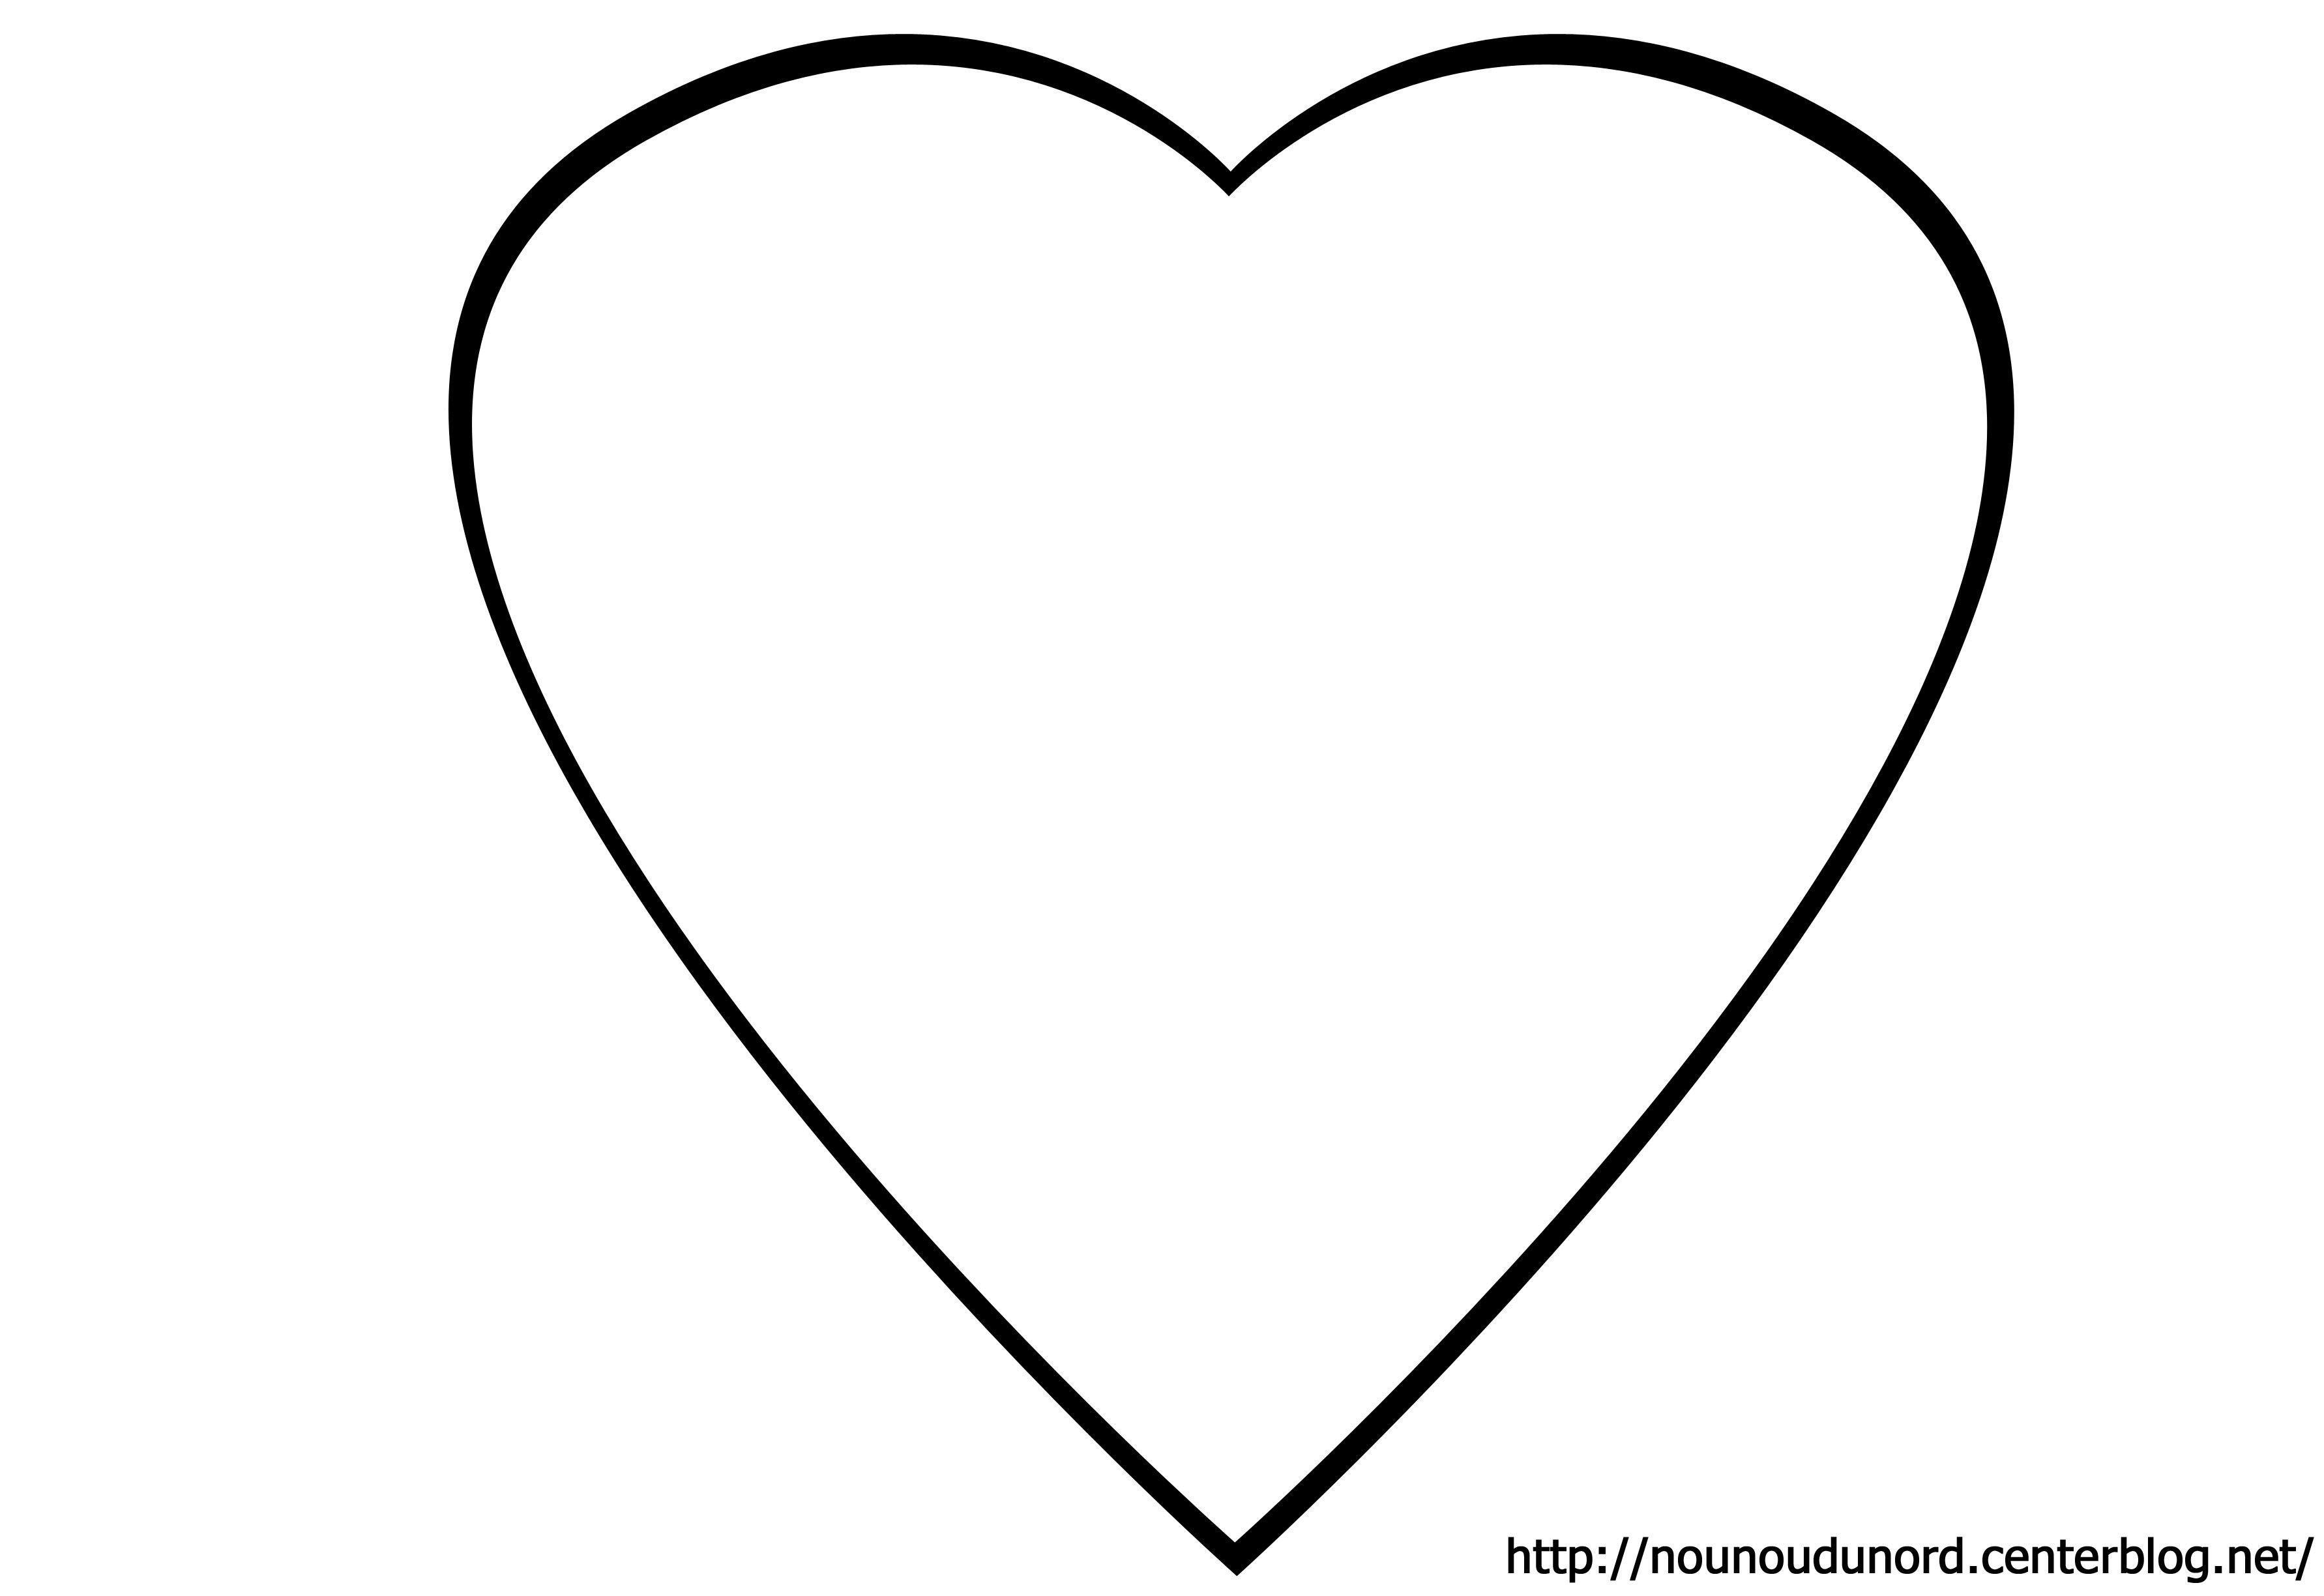 Coloriage coeurs st valentin - Image de coeur gratuit ...